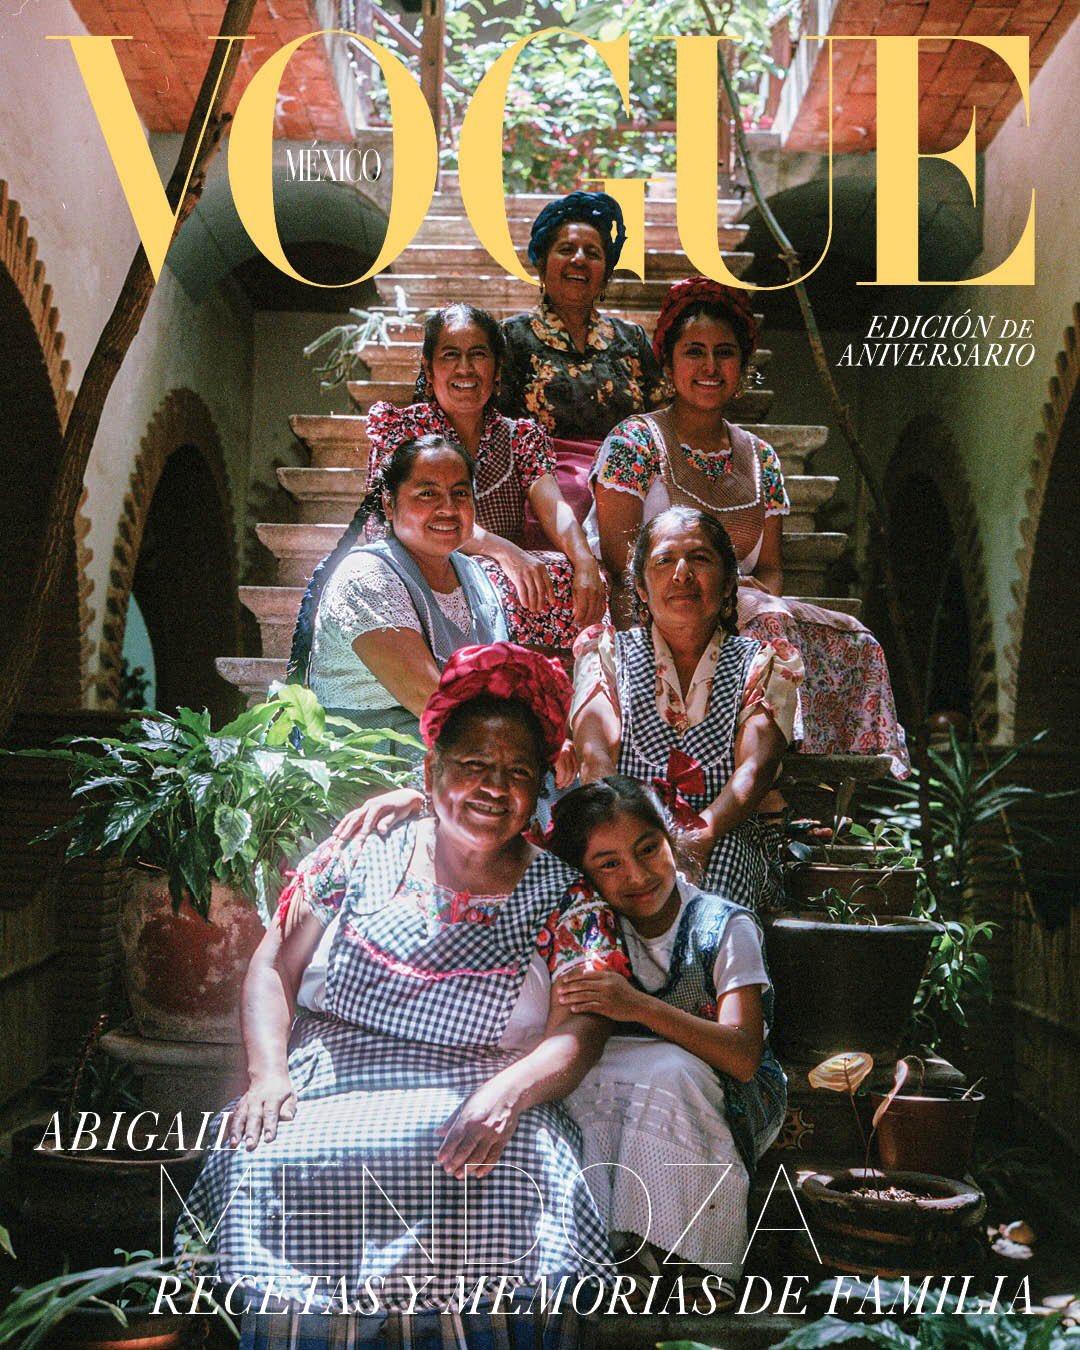 Estamos de fiesta: Abigail Mendoza en portada por el 20 aniversario de la Revista Vogue México.